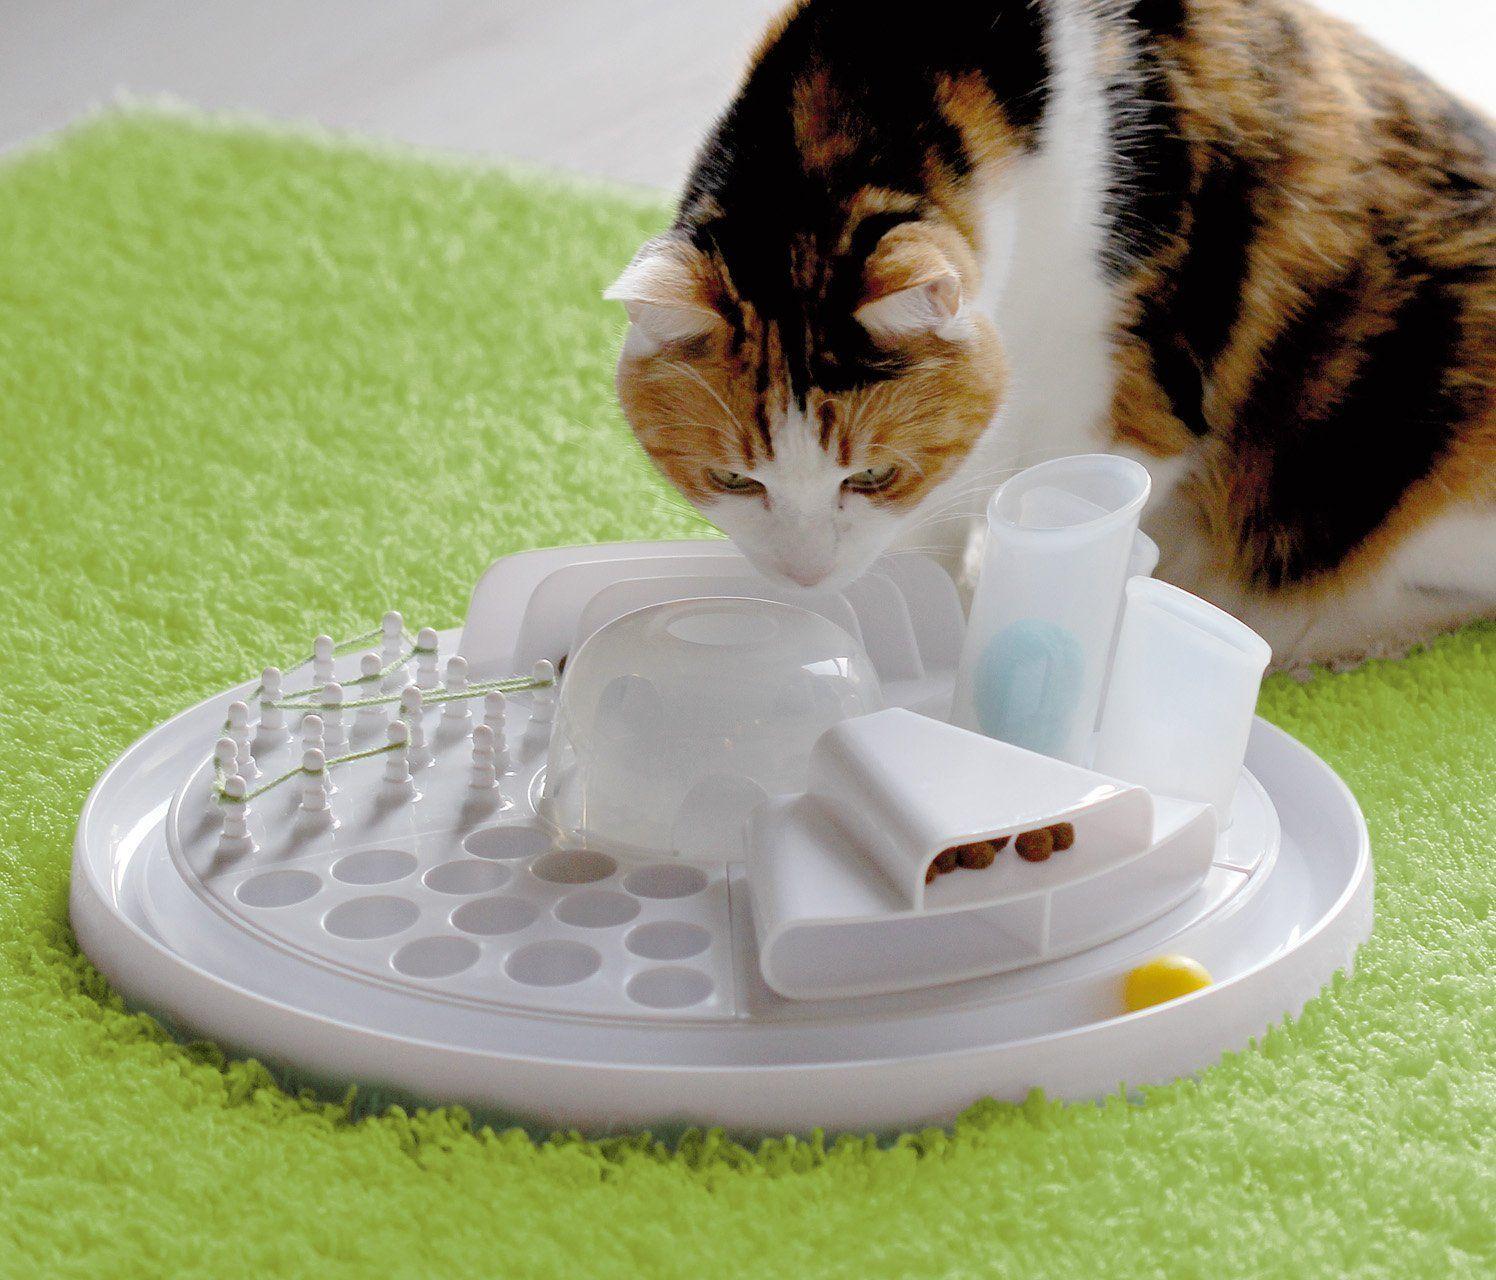 Beschäftigungsspielzeug Katzen Katzenspielzeug (mit